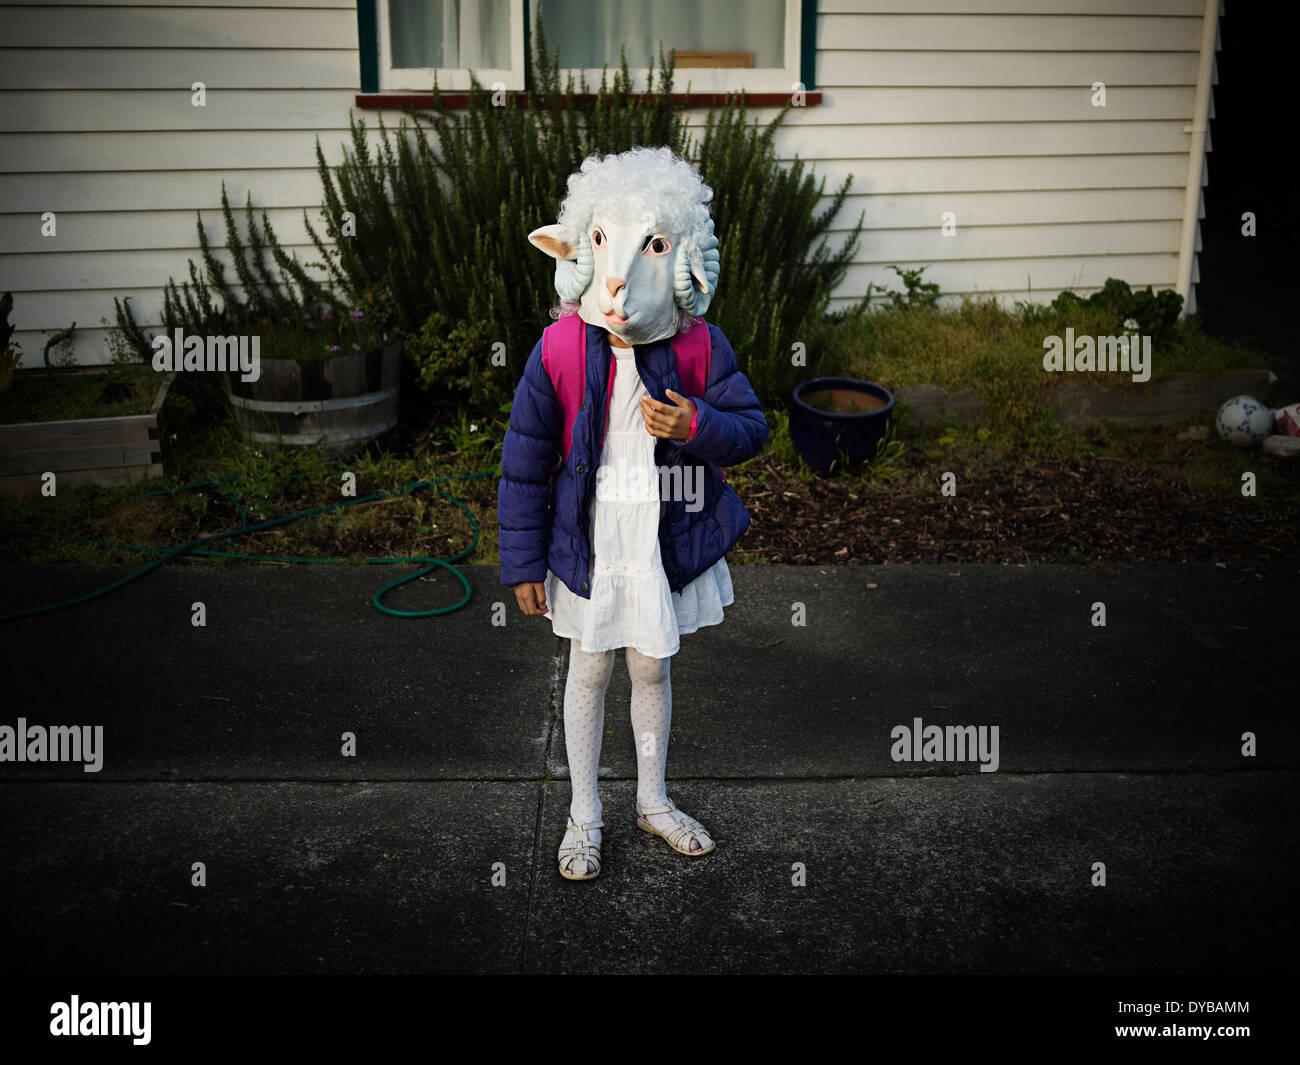 Dress up day at school: ensembles de fille de remise sur pied à l'école habillé comme un mouton Banque D'Images